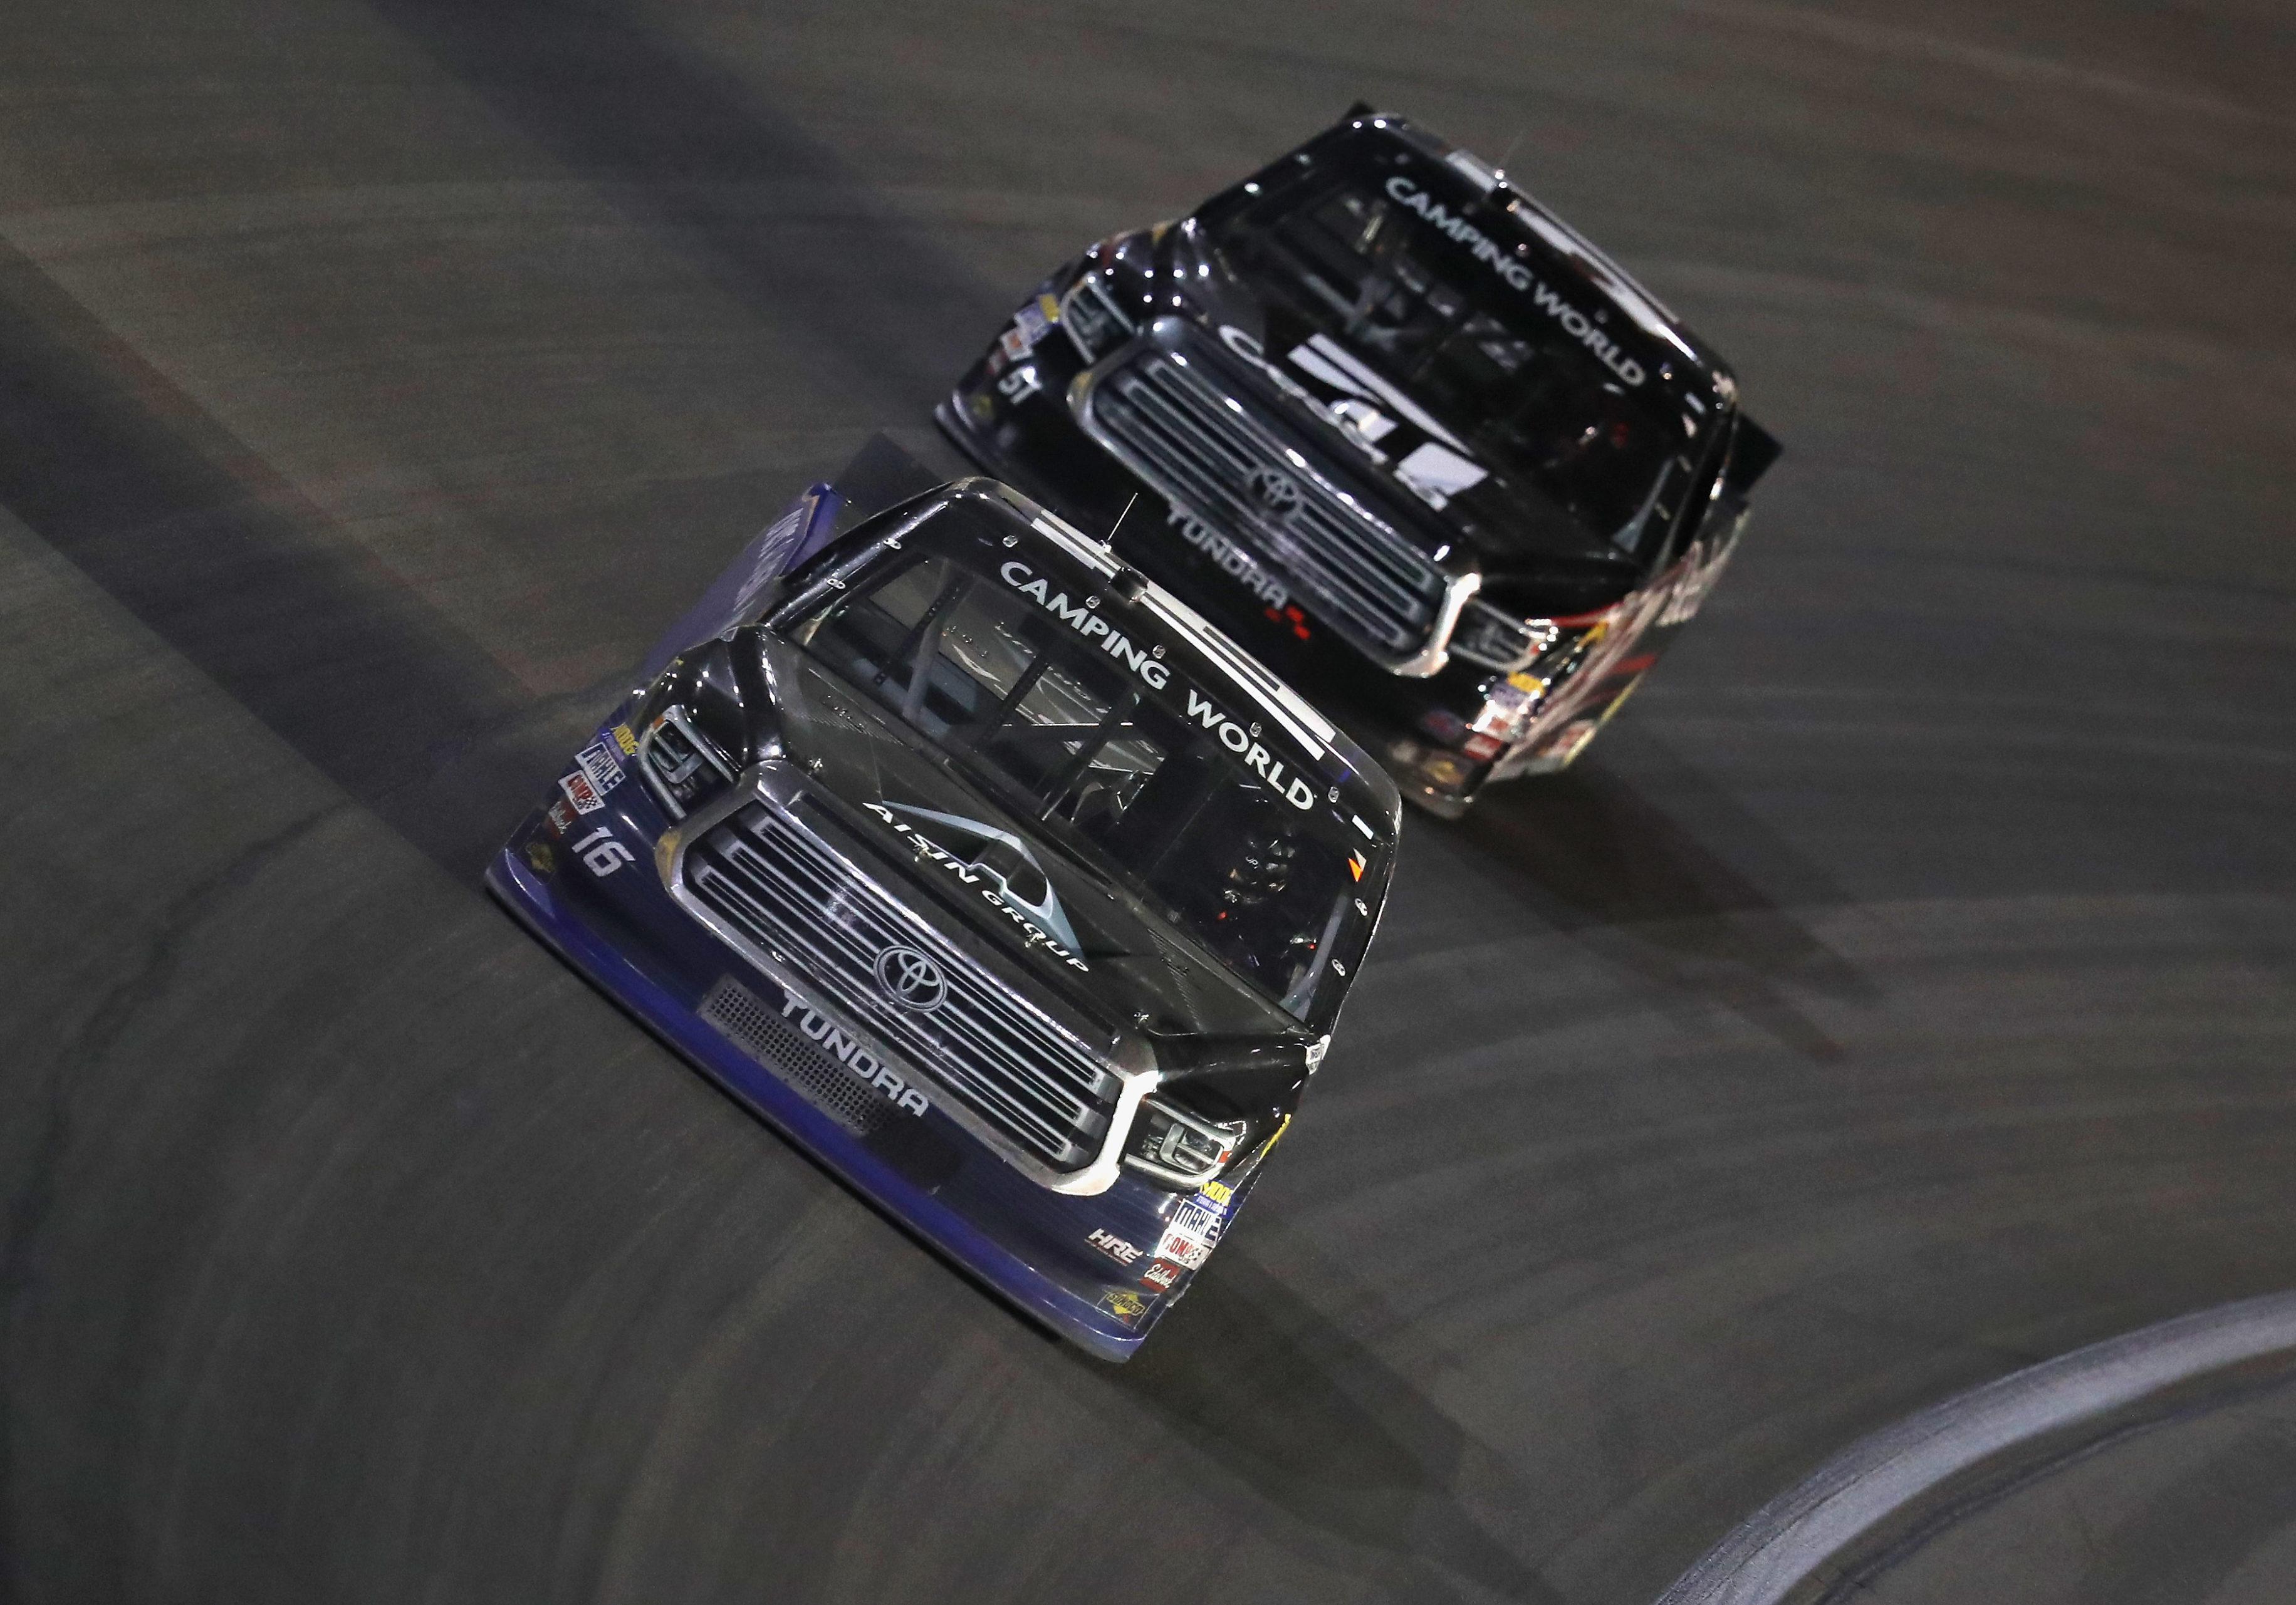 Brett Moffitt and Kyle Busch at Las Vegas - NASCAR Truck Series